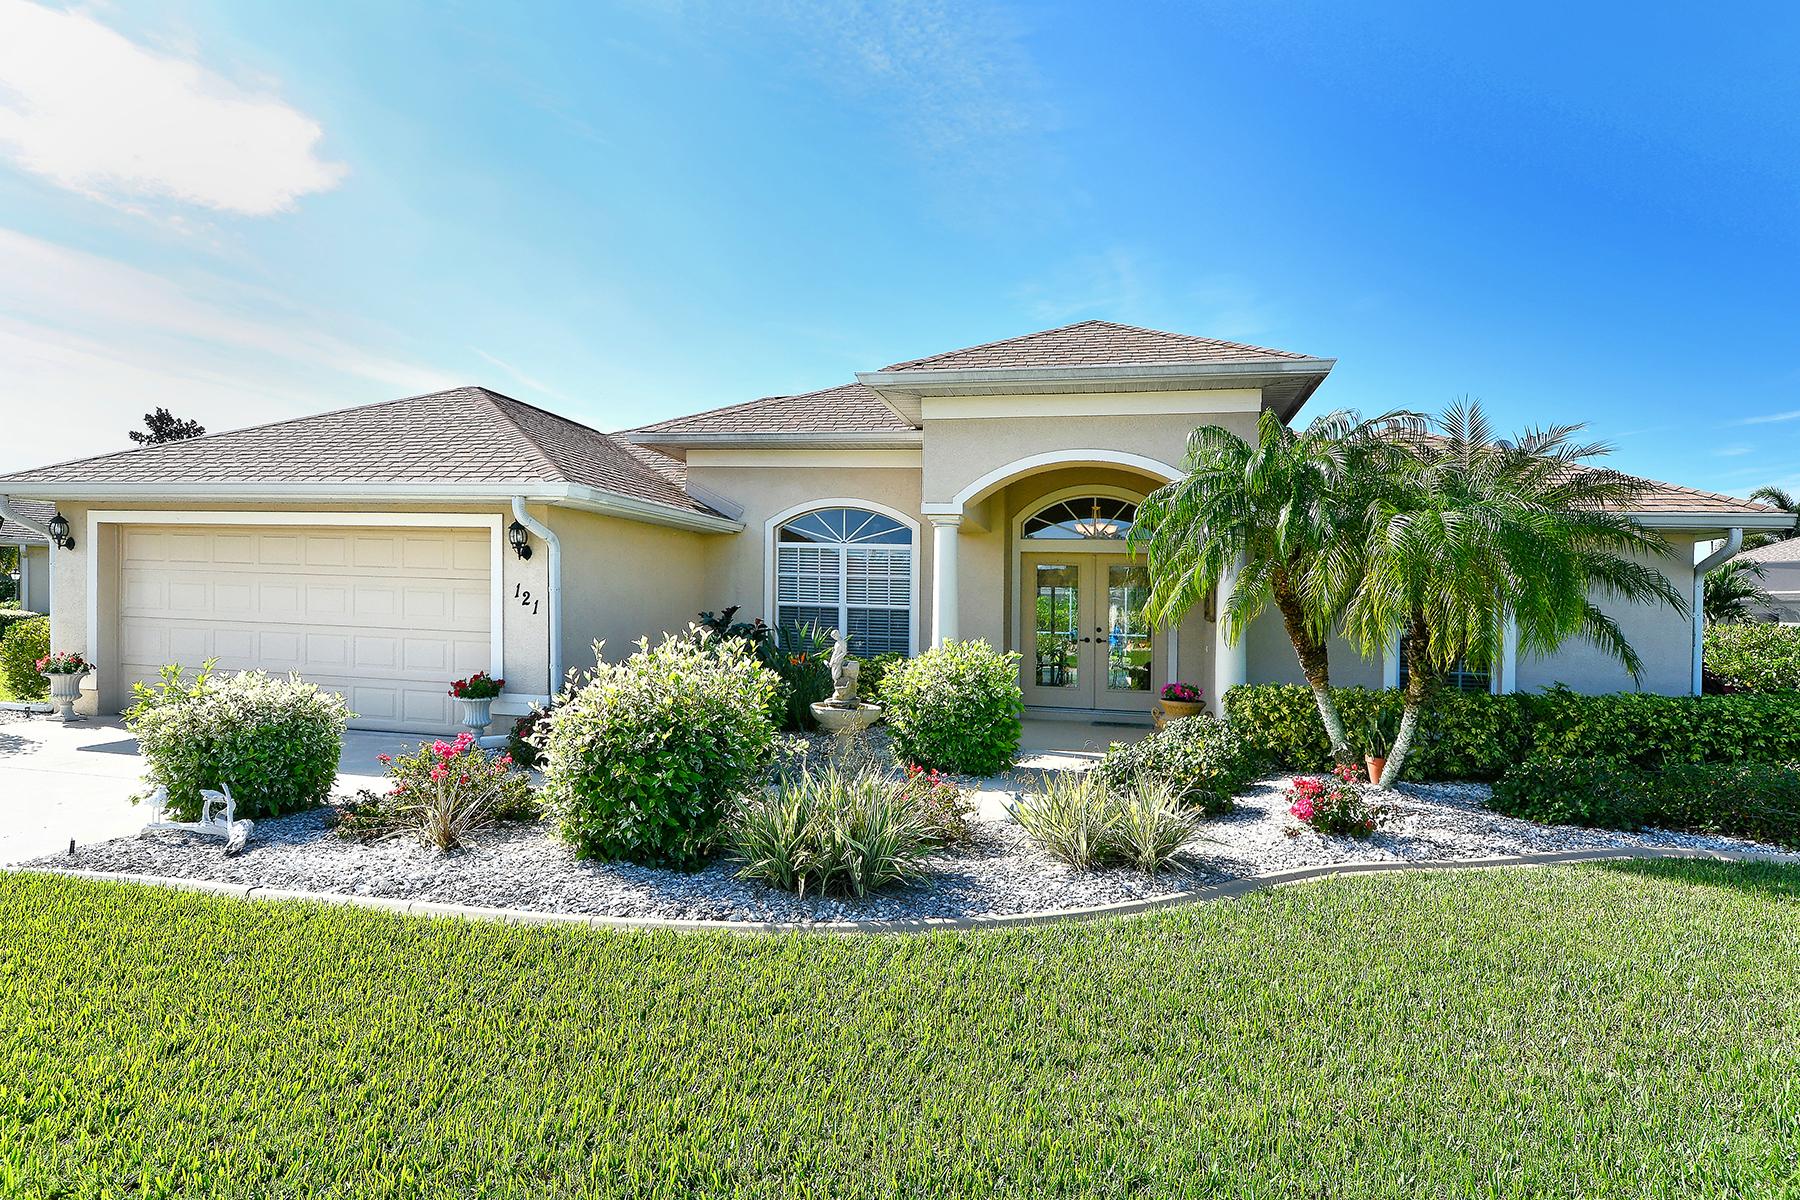 独户住宅 为 销售 在 BLUE HERON POND 121 Wading Bird Dr 威尼斯, 佛罗里达州, 34292 美国